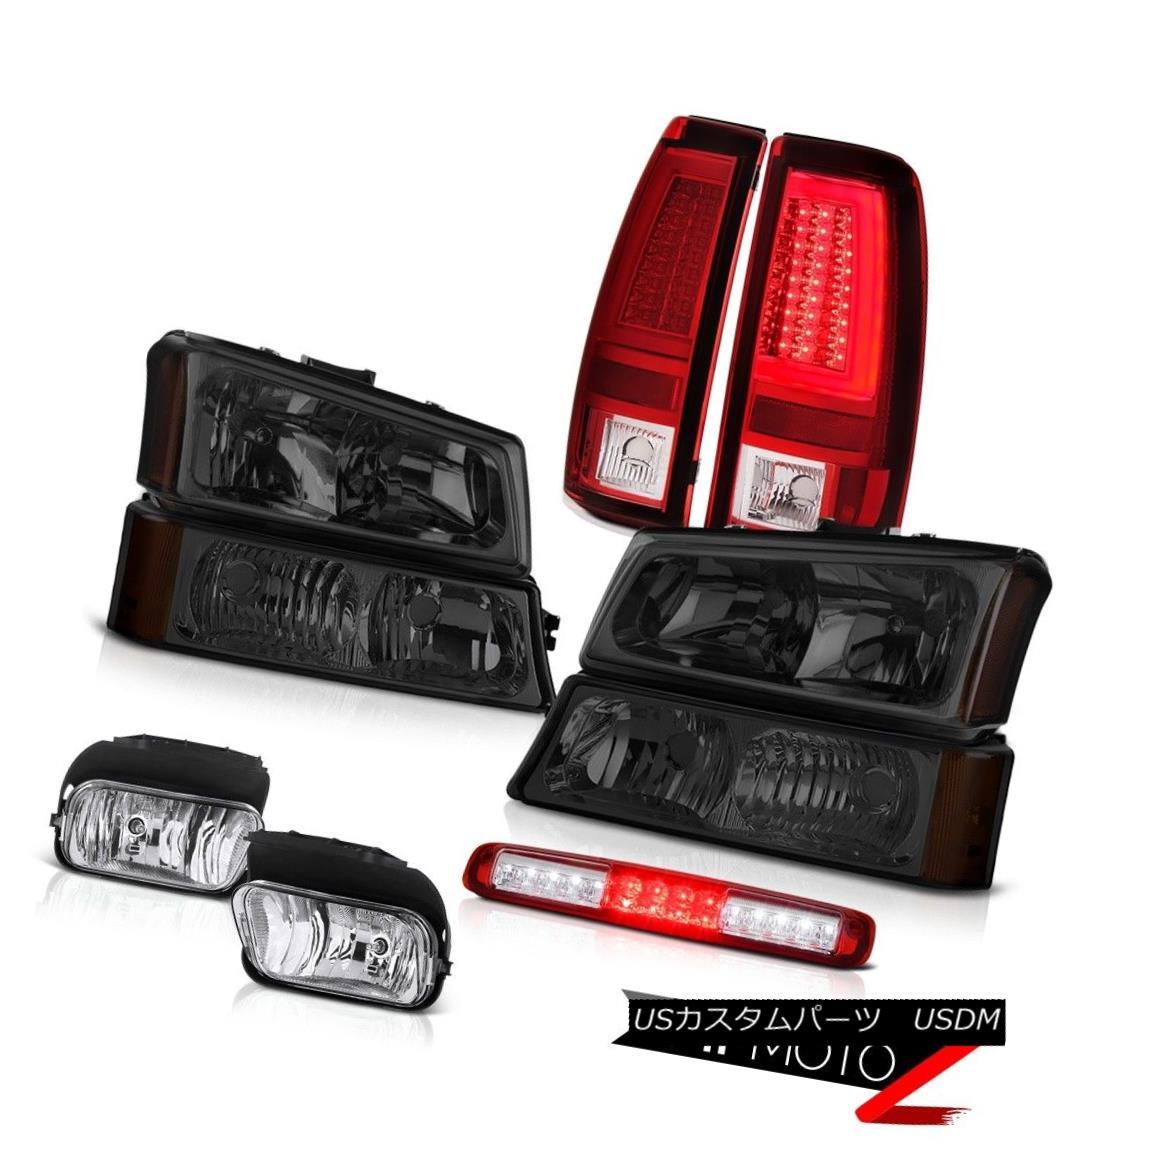 テールライト 03-06 Chevy Silverado Red Taillights Fog Lamps Signal Lamp Roof Cargo Headlamps 03-06 Chevy Silverado赤い灯台フォグランプ信号ランプ屋根カーゴヘッドランプ